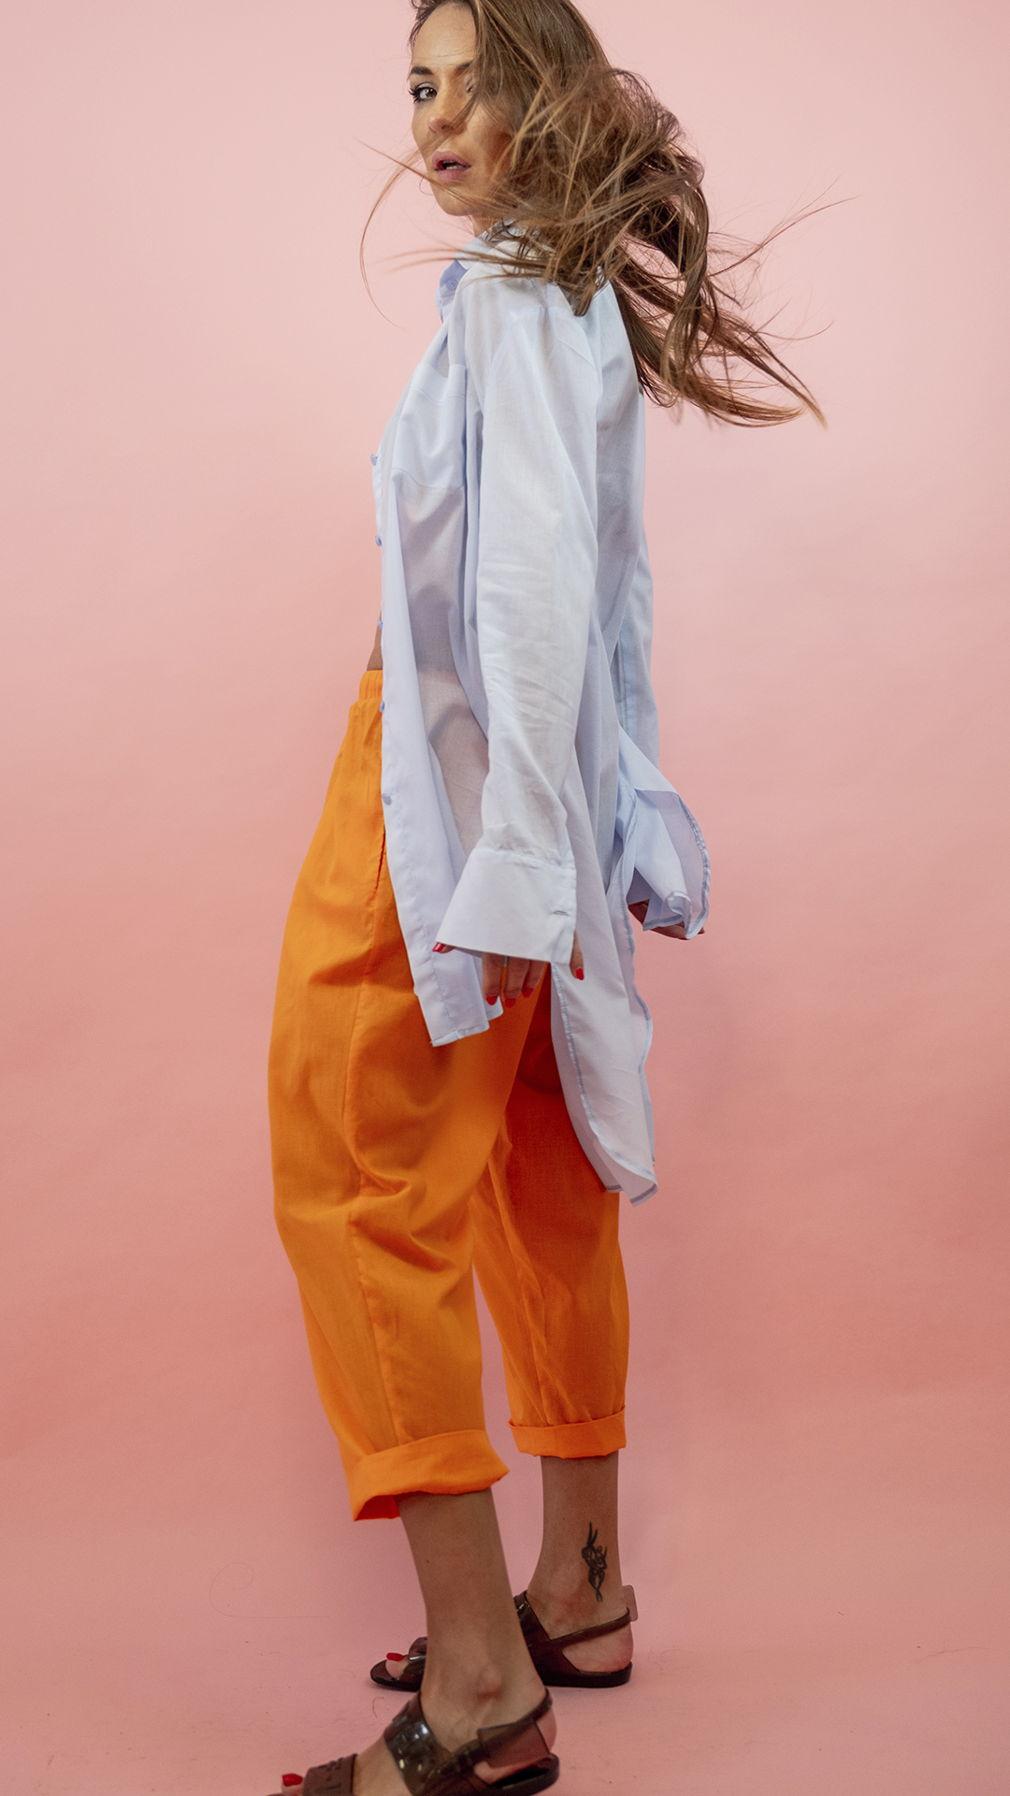 Рубашка НебоМореОблака